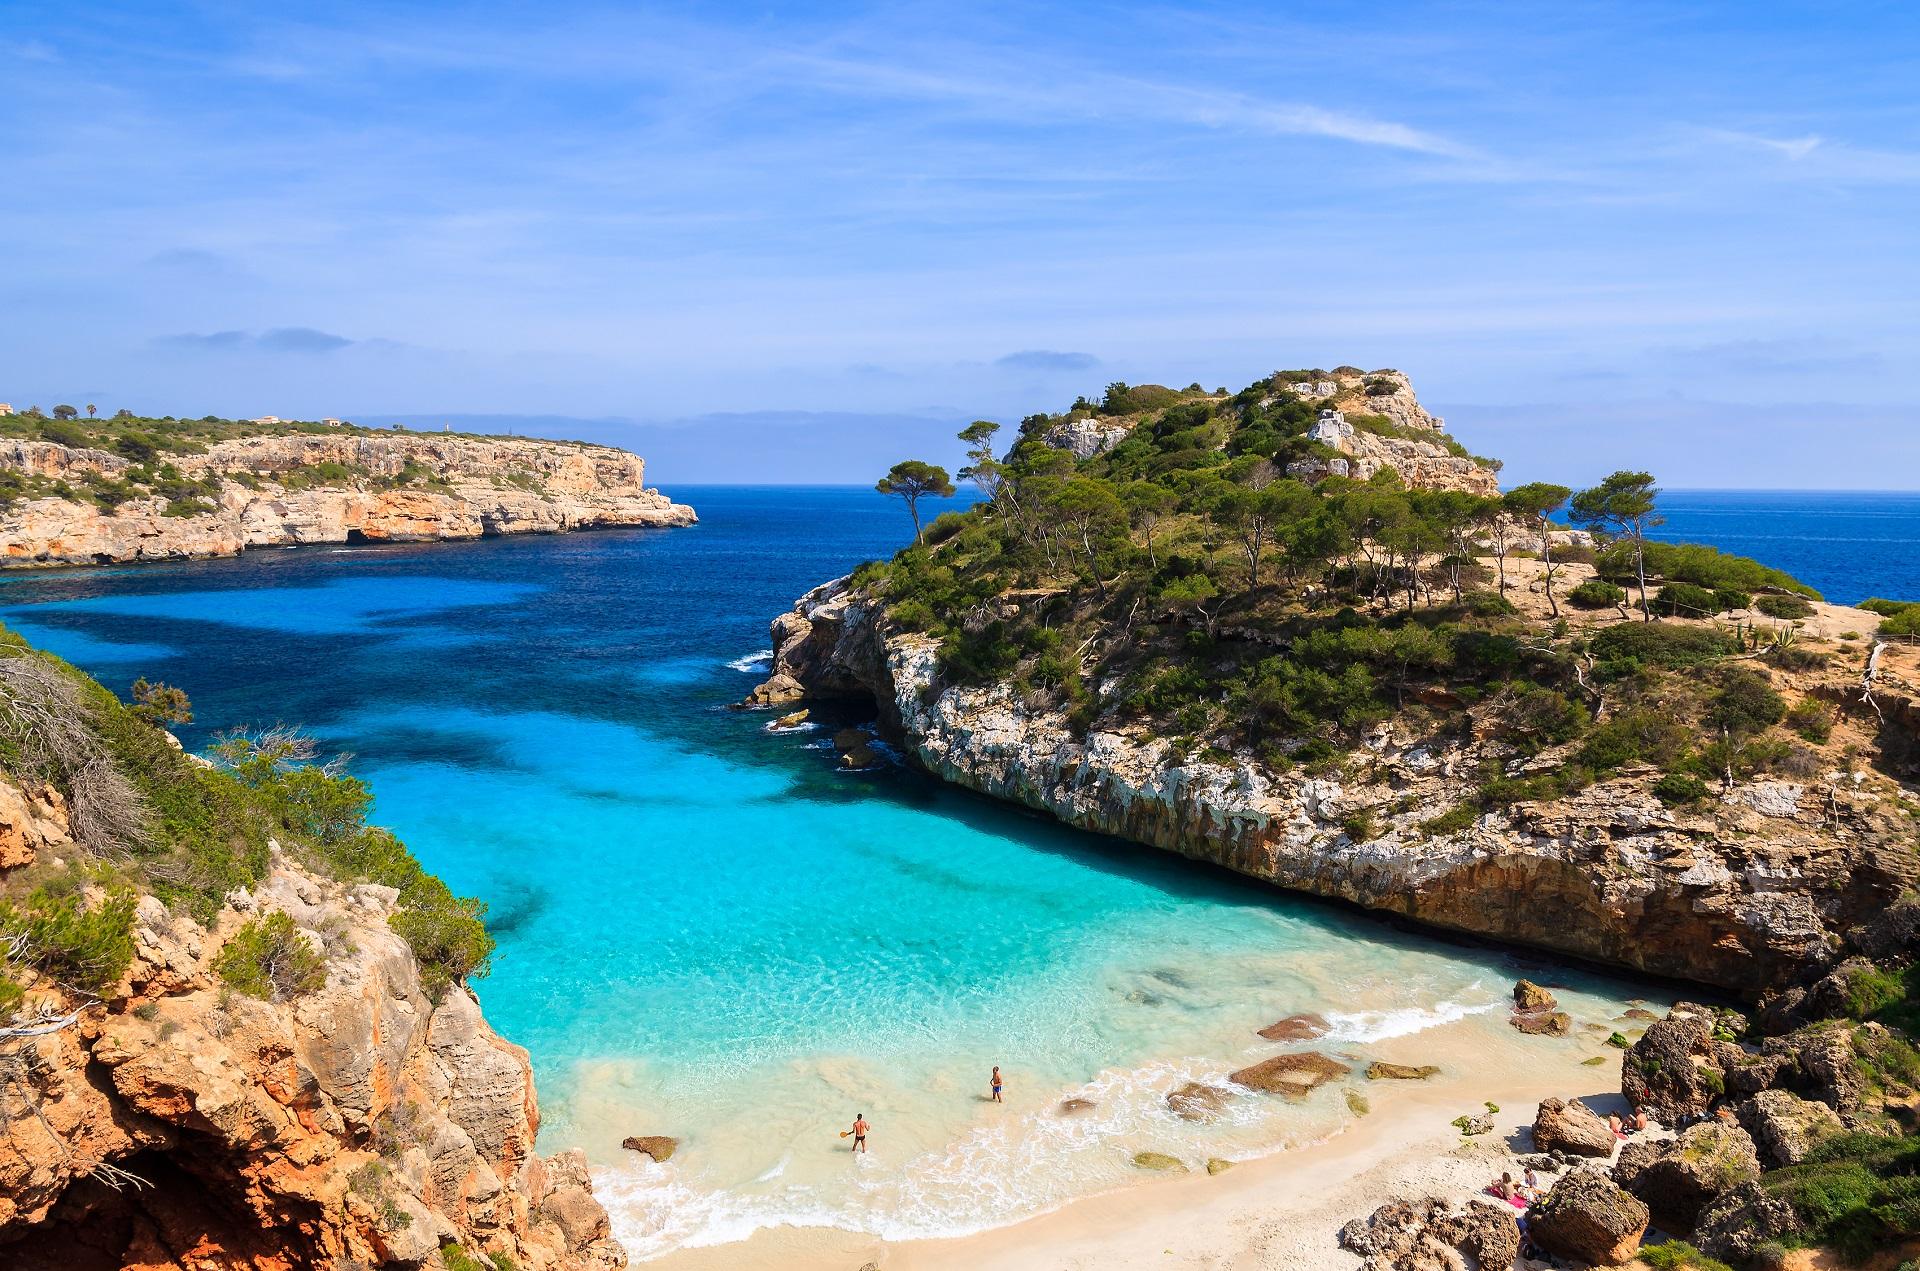 l'tur: 7 Tage Mallorca im 4*Hotel inkl. Frühstück, Flügen & Transfers ab 333€ pro Person